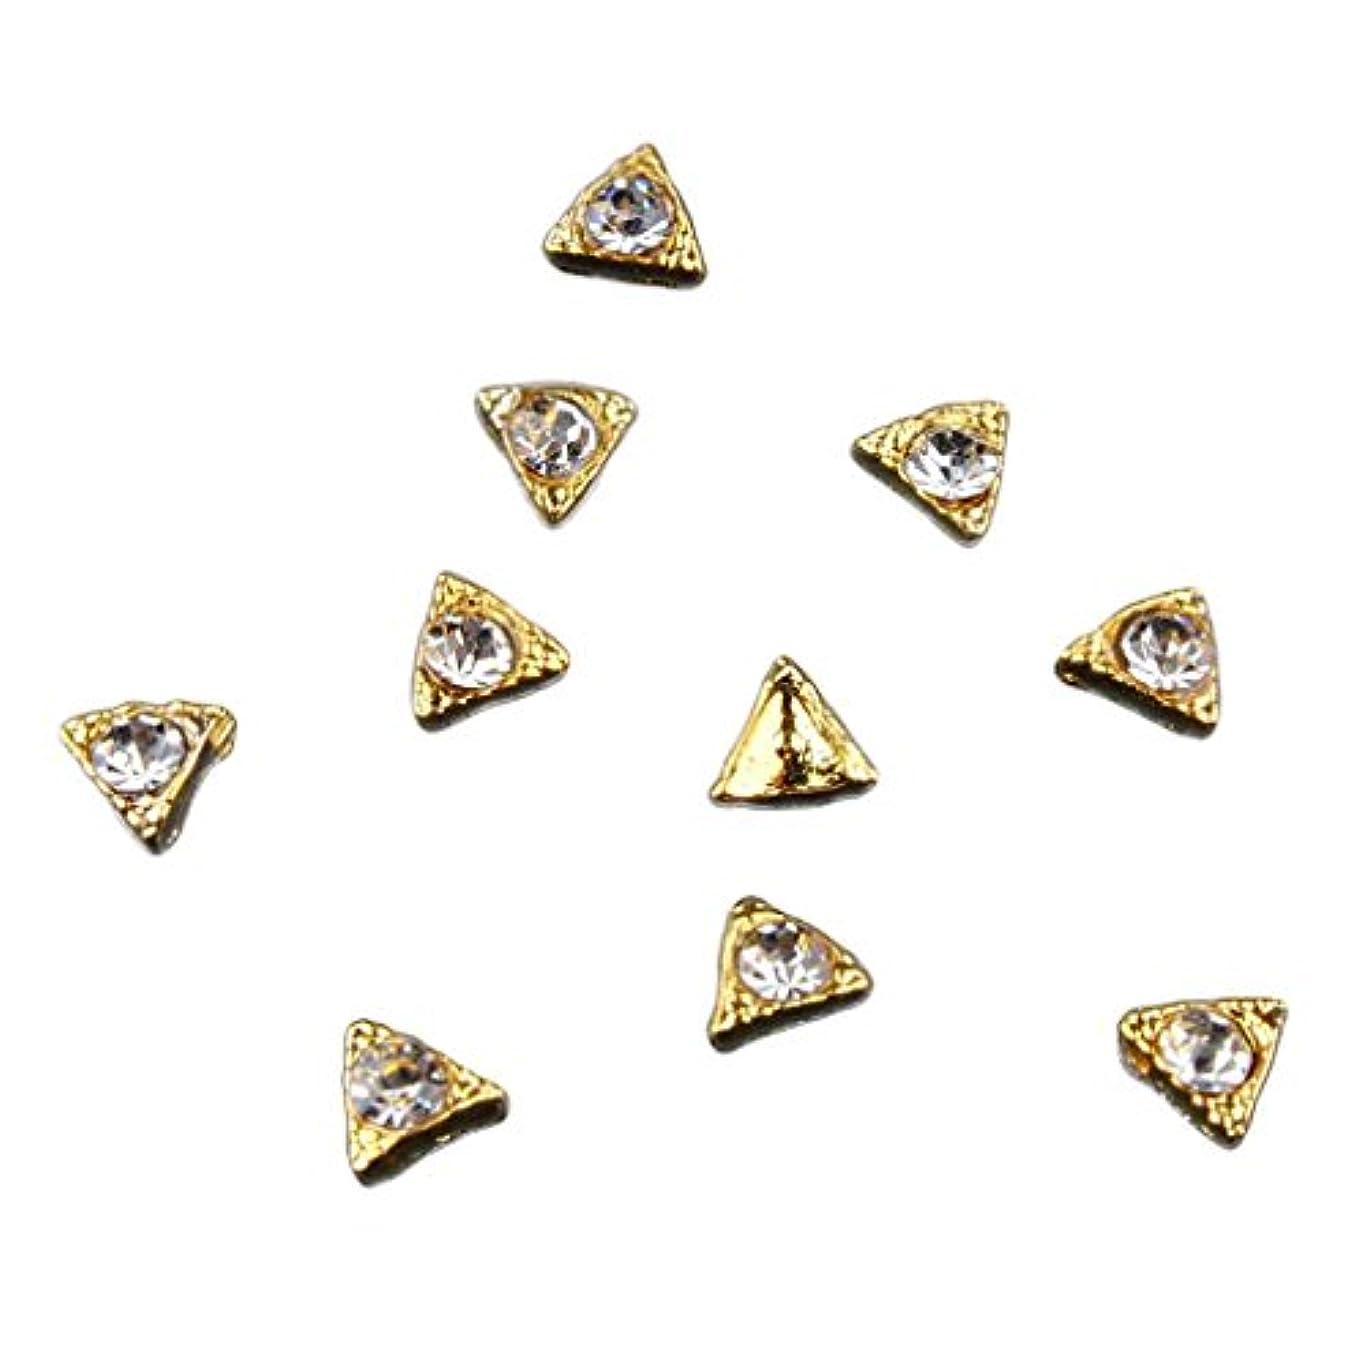 回答繁栄サイレンCUTICATE 50個入り ネイル ネイルデザイン ダイヤモンド 3Dネイルアート ヒントステッカー デコレーション - 7